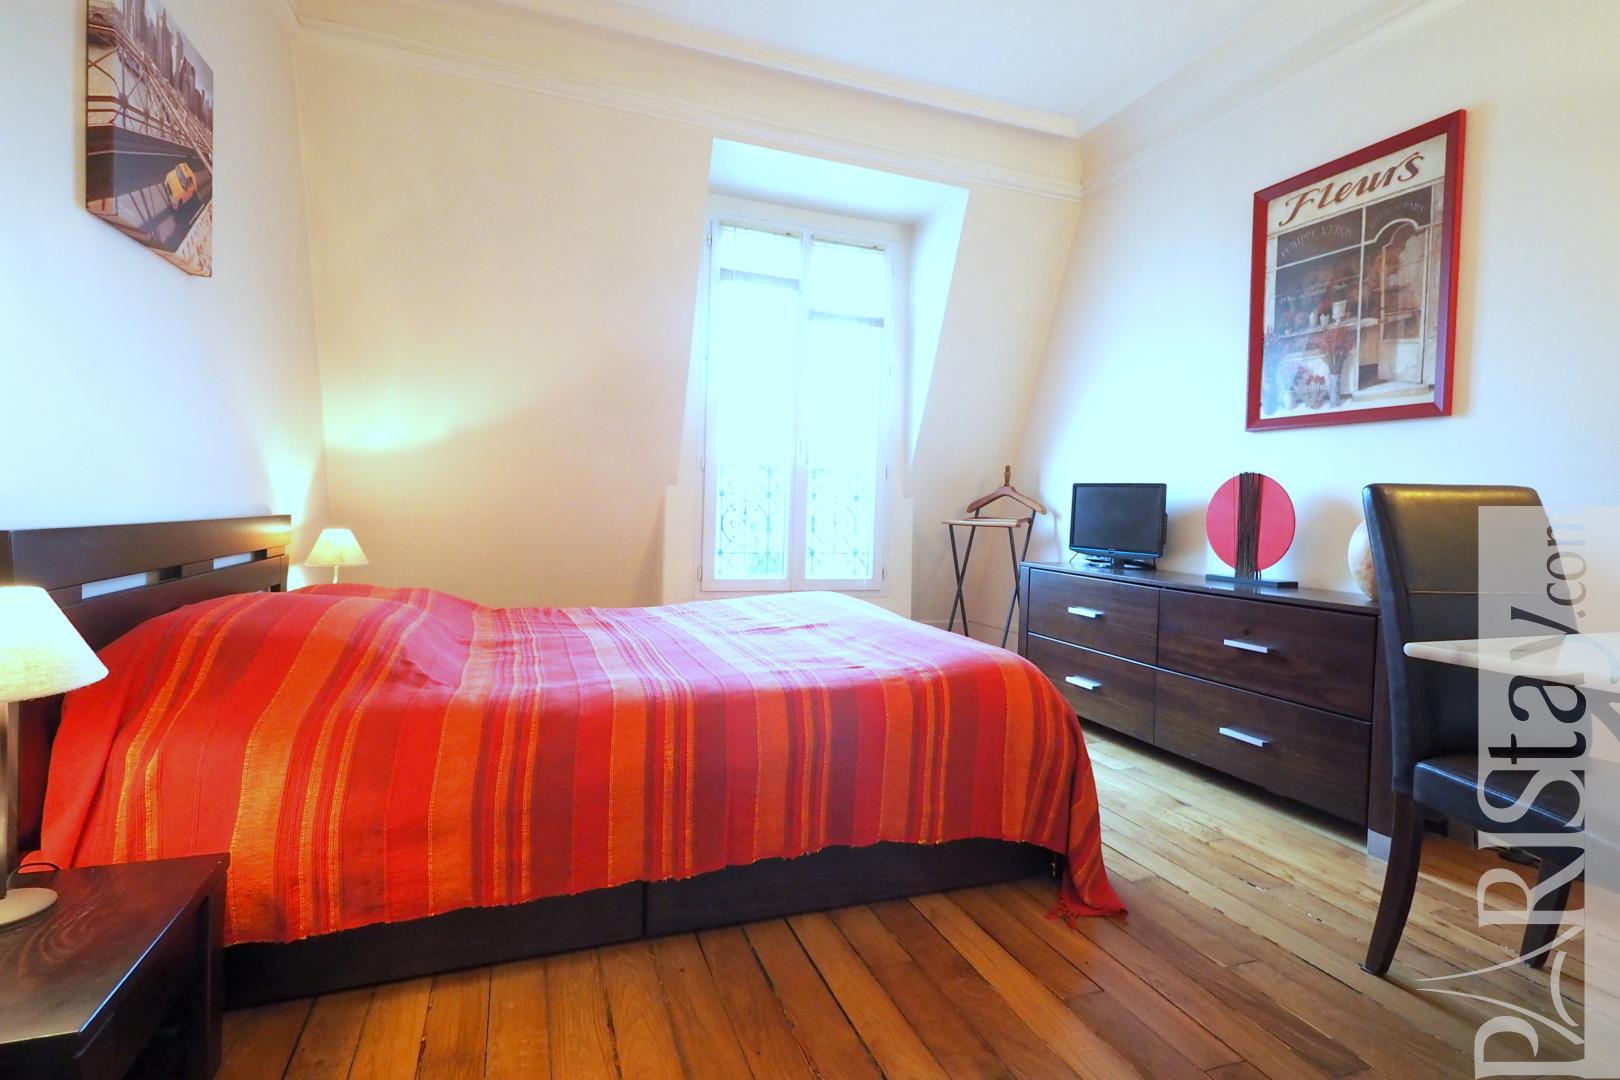 Location Appartement Meuble Paris Montmartre T2 75018